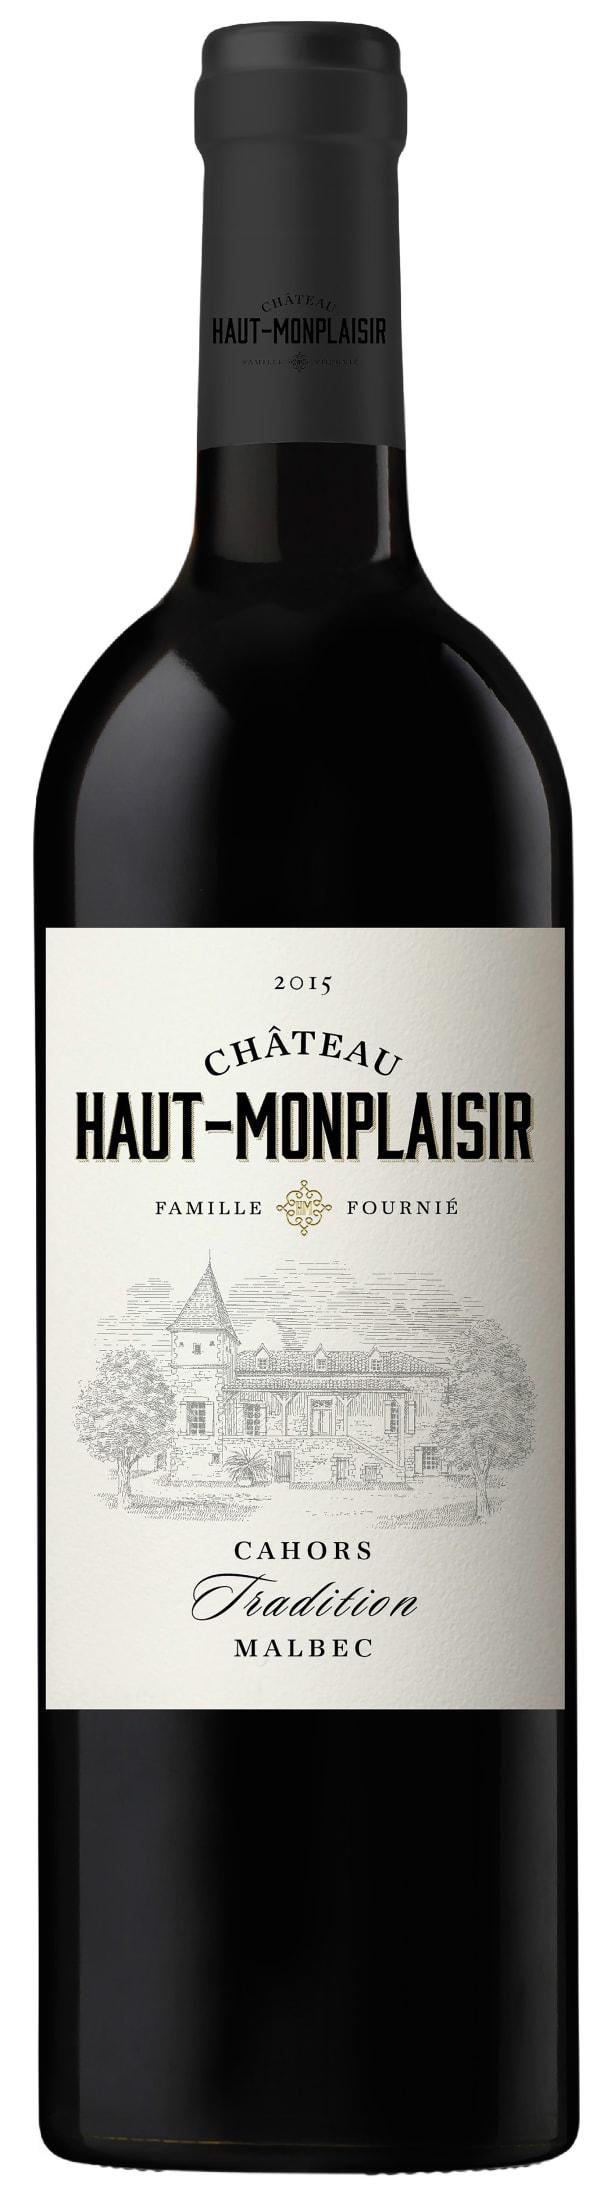 Château Haut-Monplaisir 2014